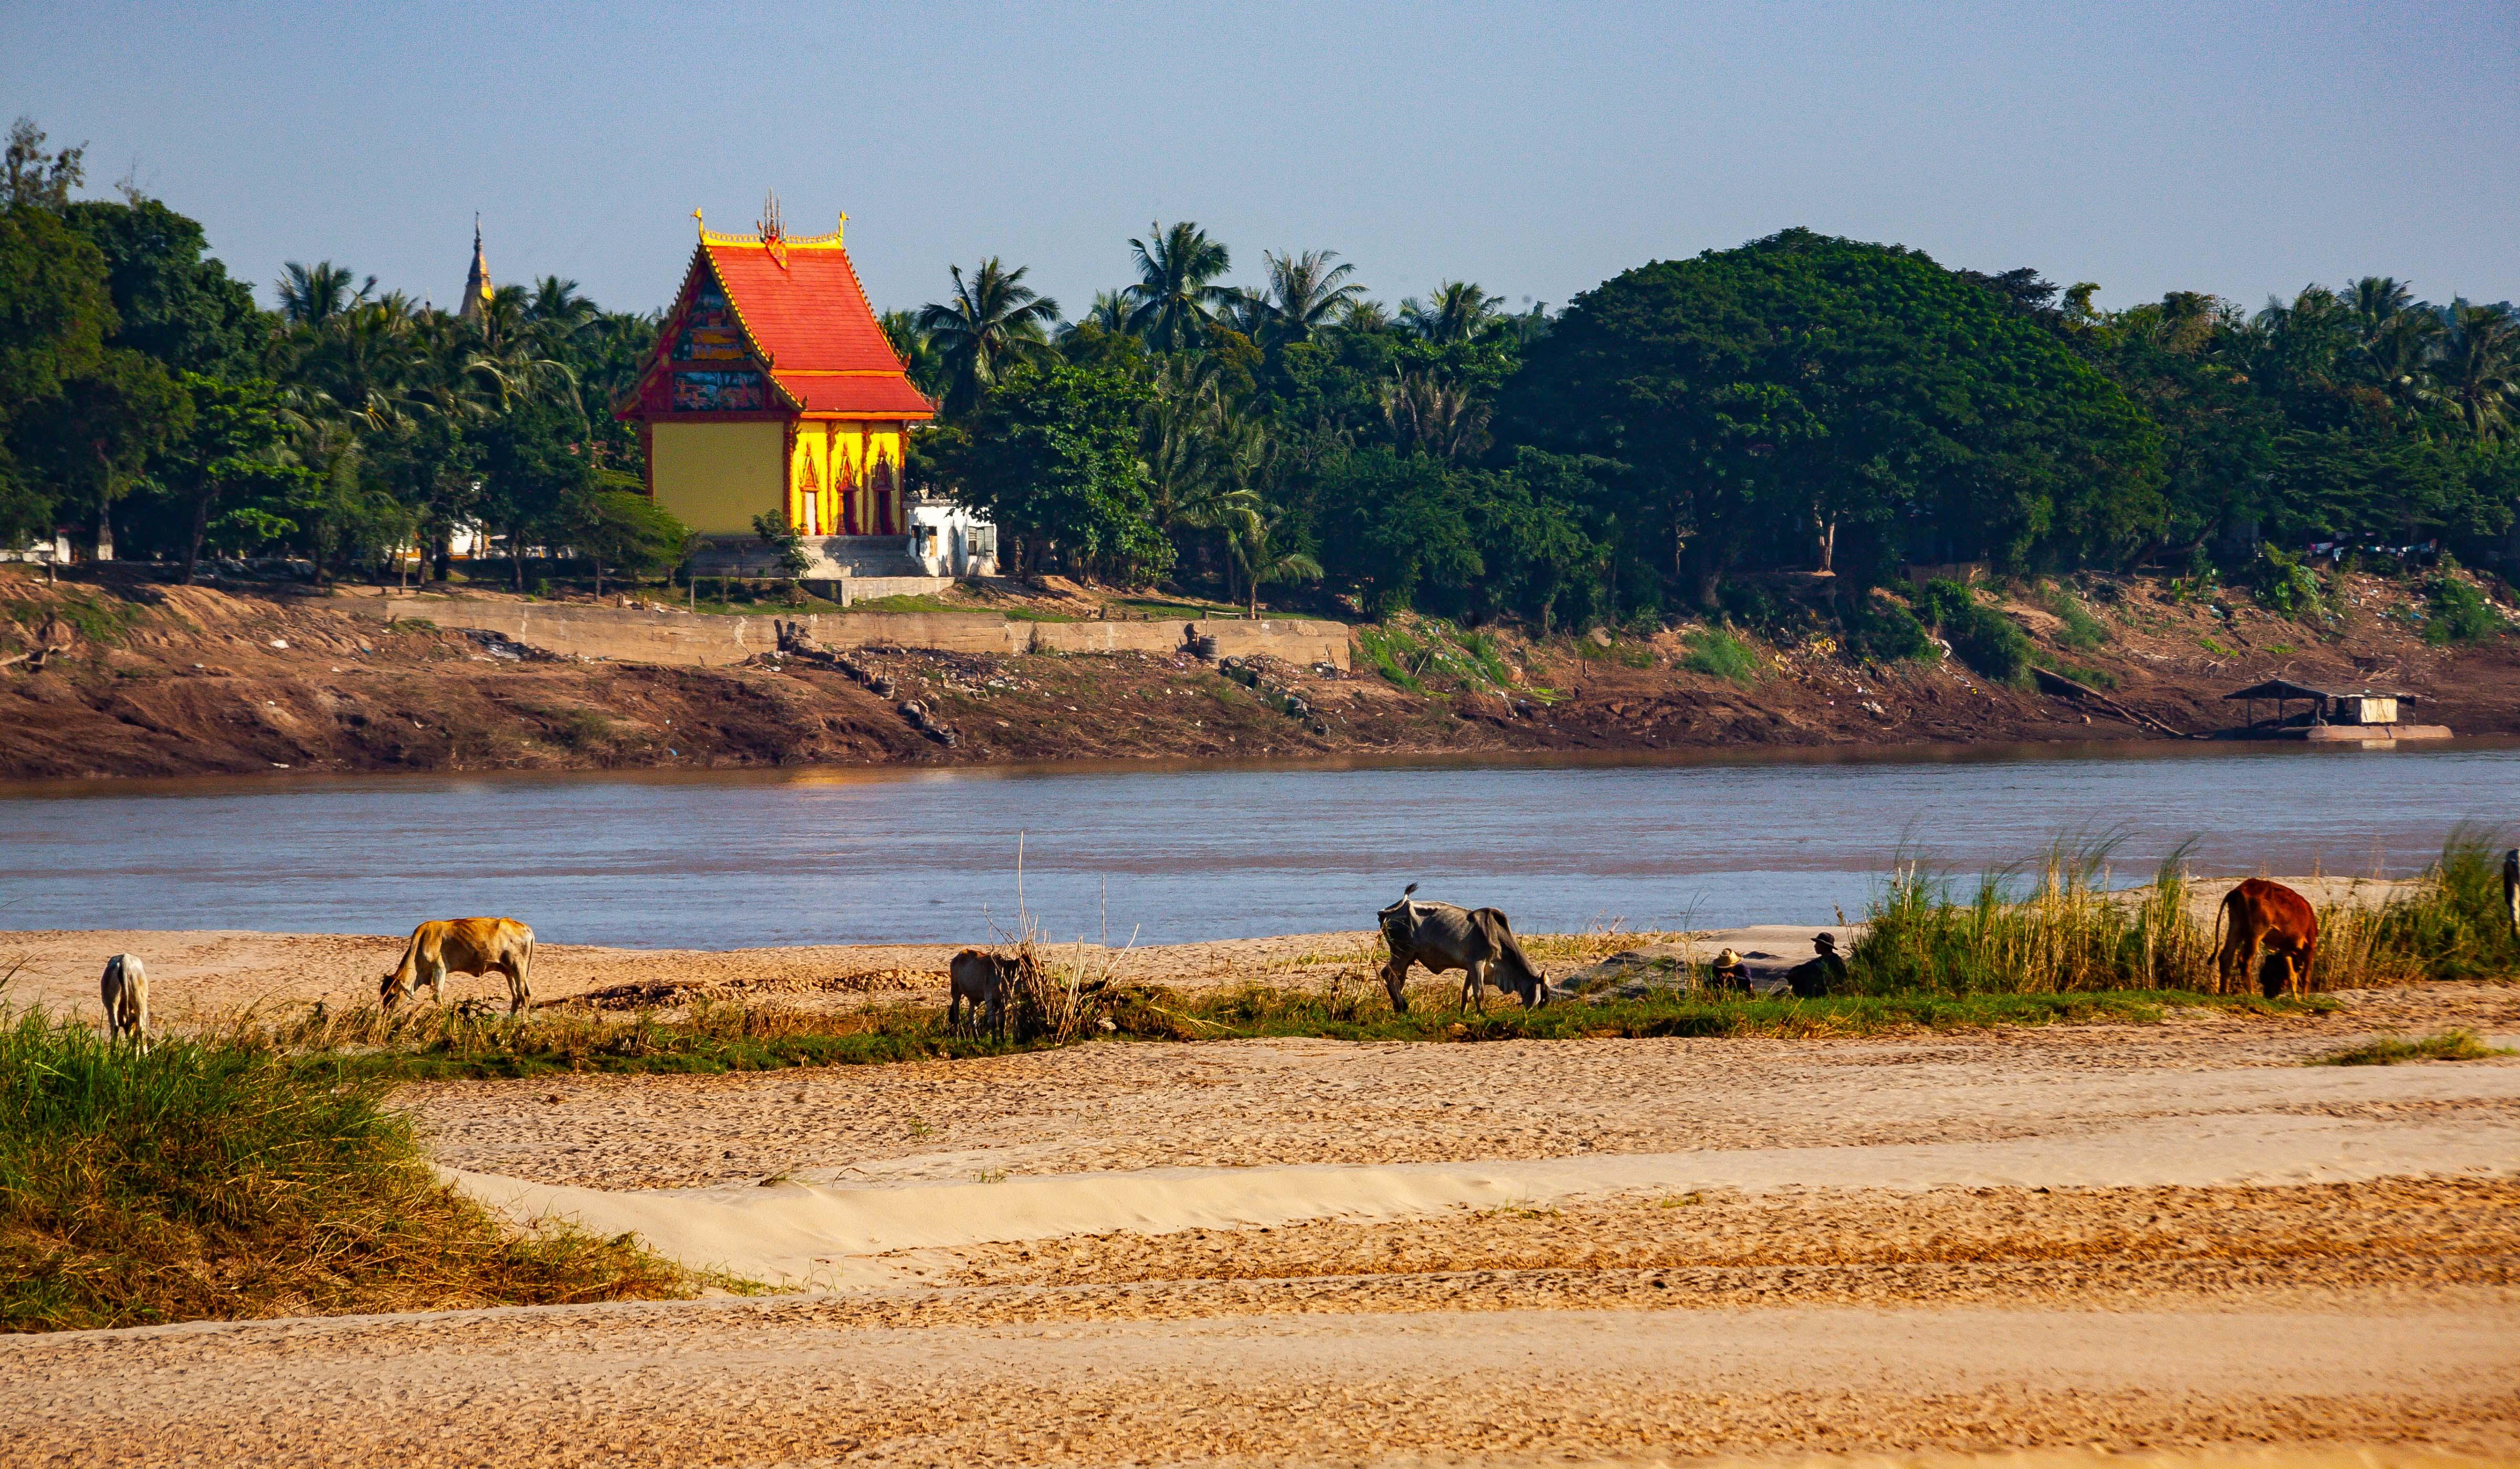 Thailand, Nong Khai Prov, River Scene, 2008, IMG 6341